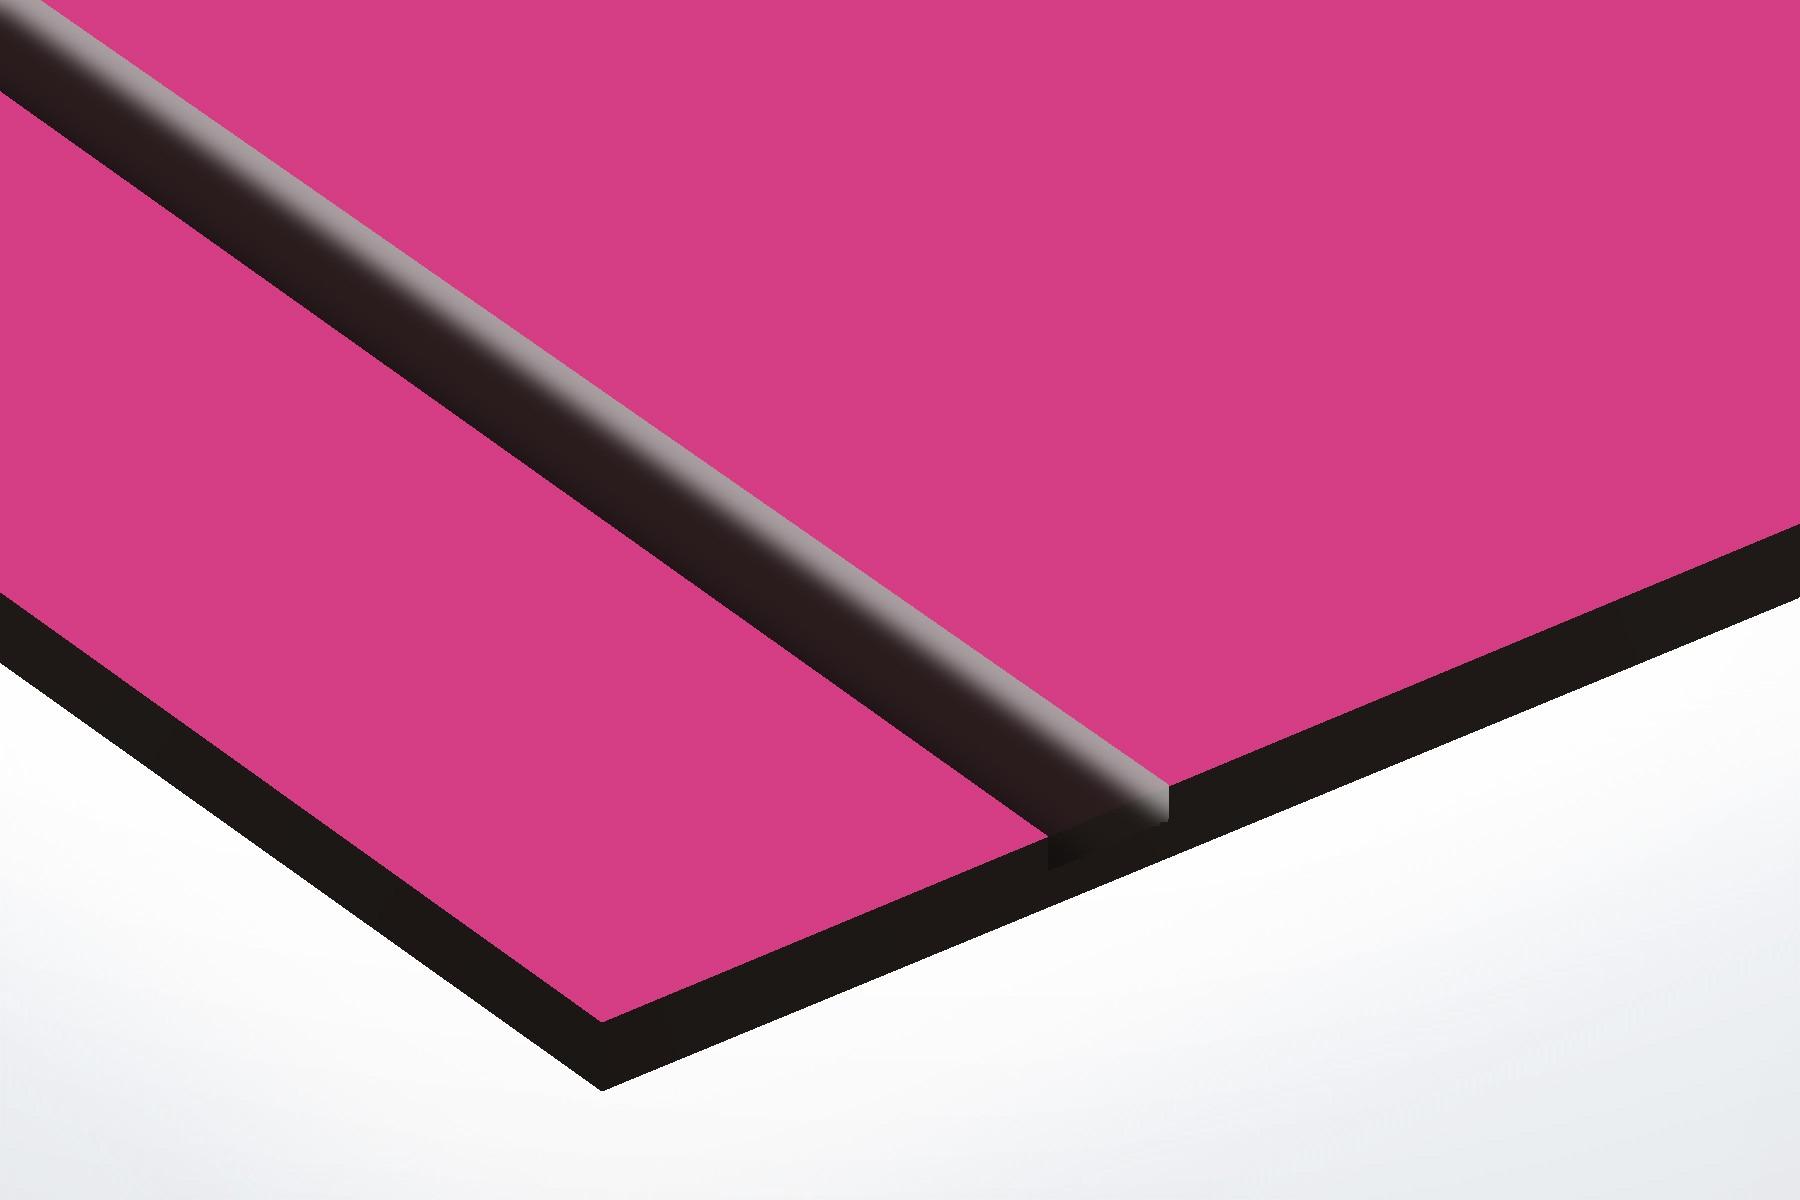 Plaque boite aux lettres Decayeux (100x25mm) rose lettres noires - 1 ligne